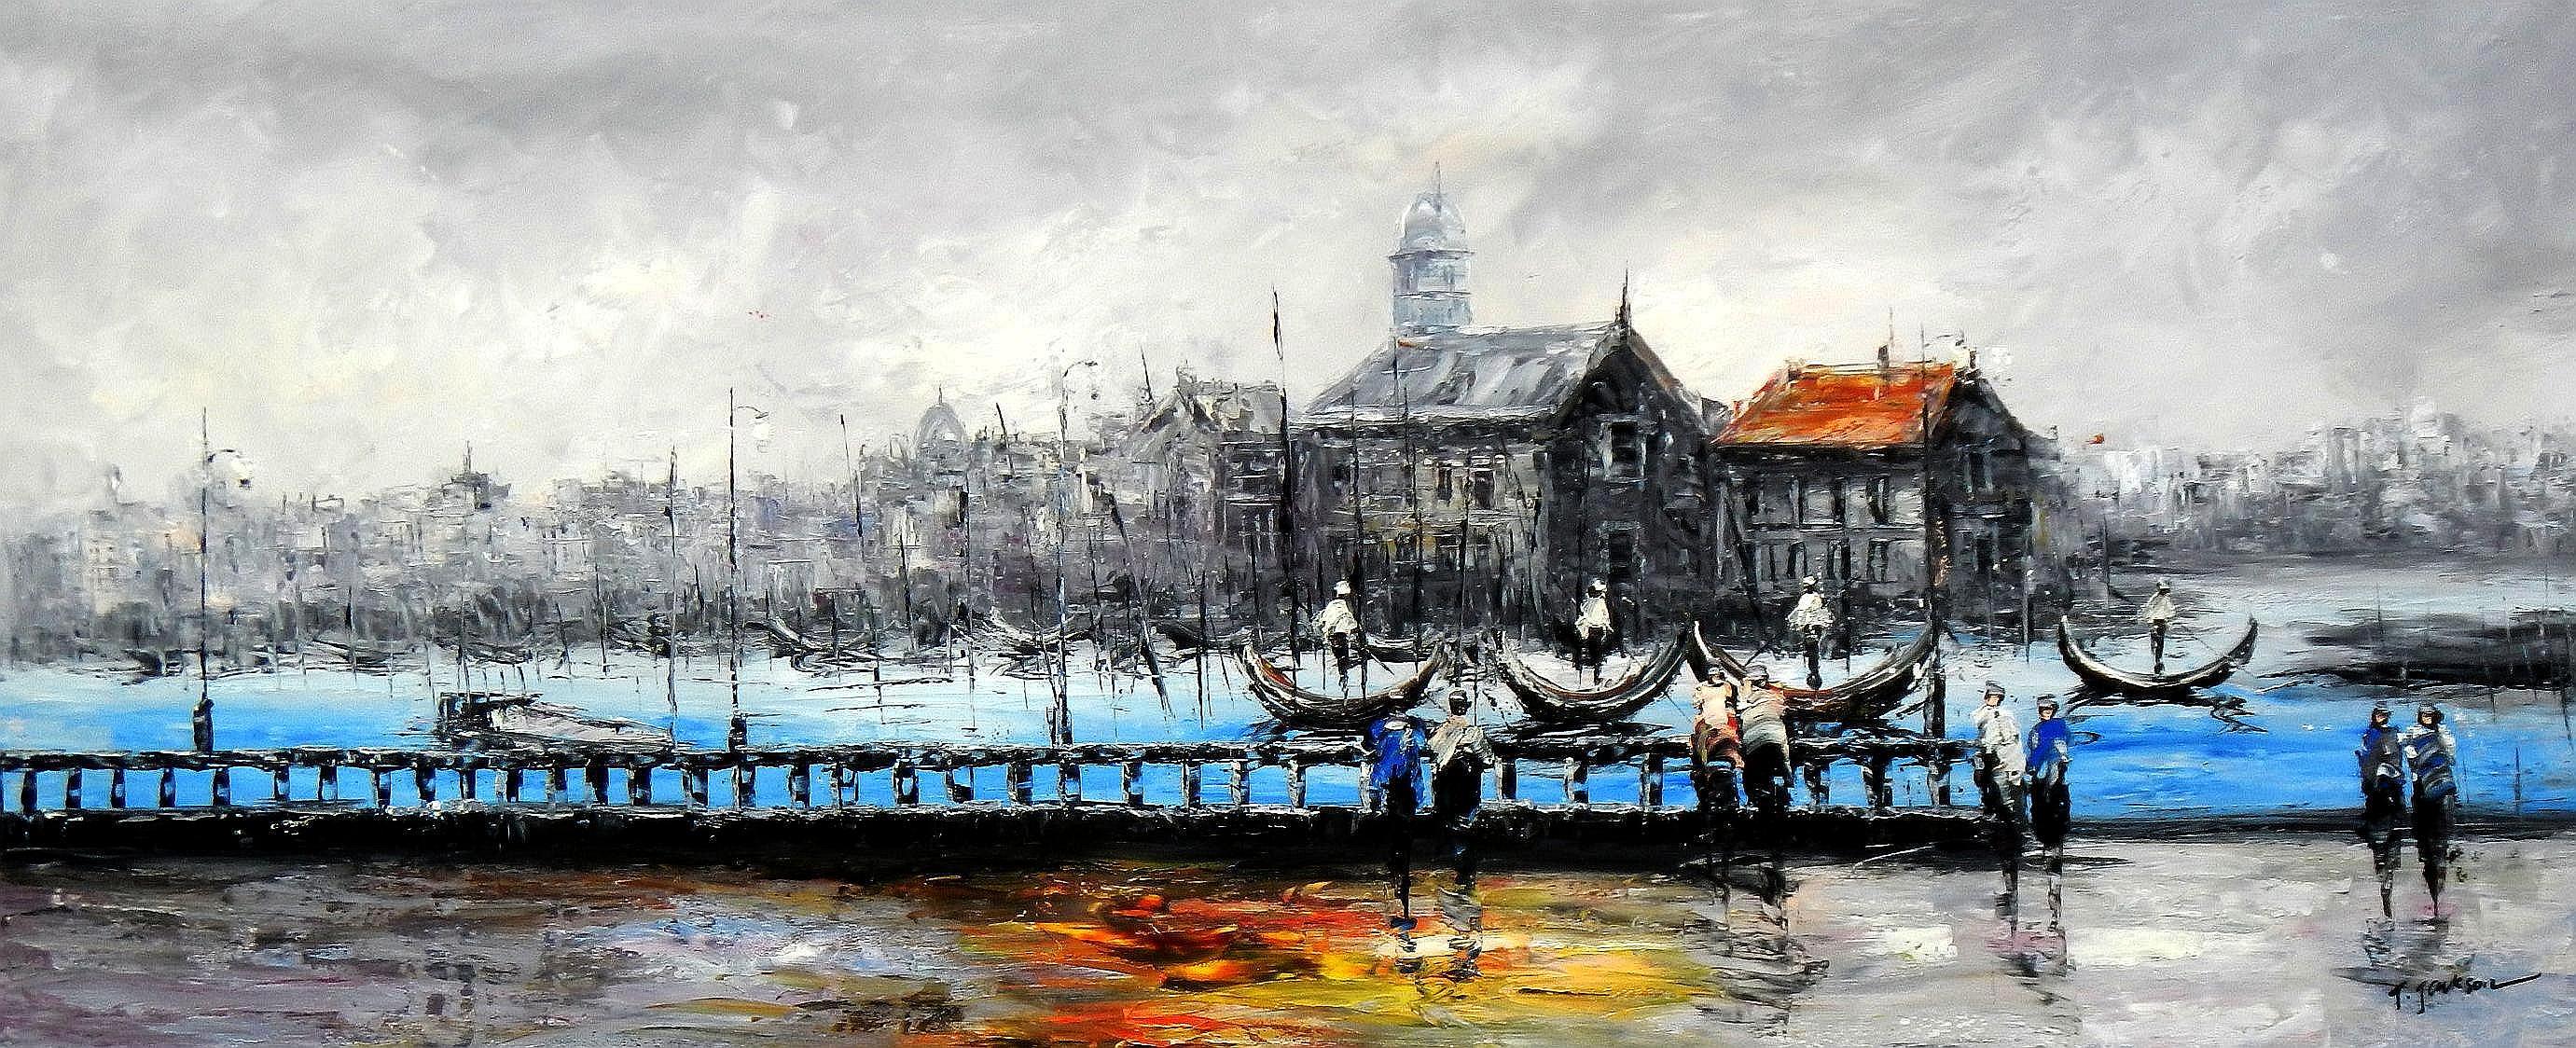 Modern Art - Venedig im Morgengrauen t94492 75x180cm bemerkenswertes Ölbild